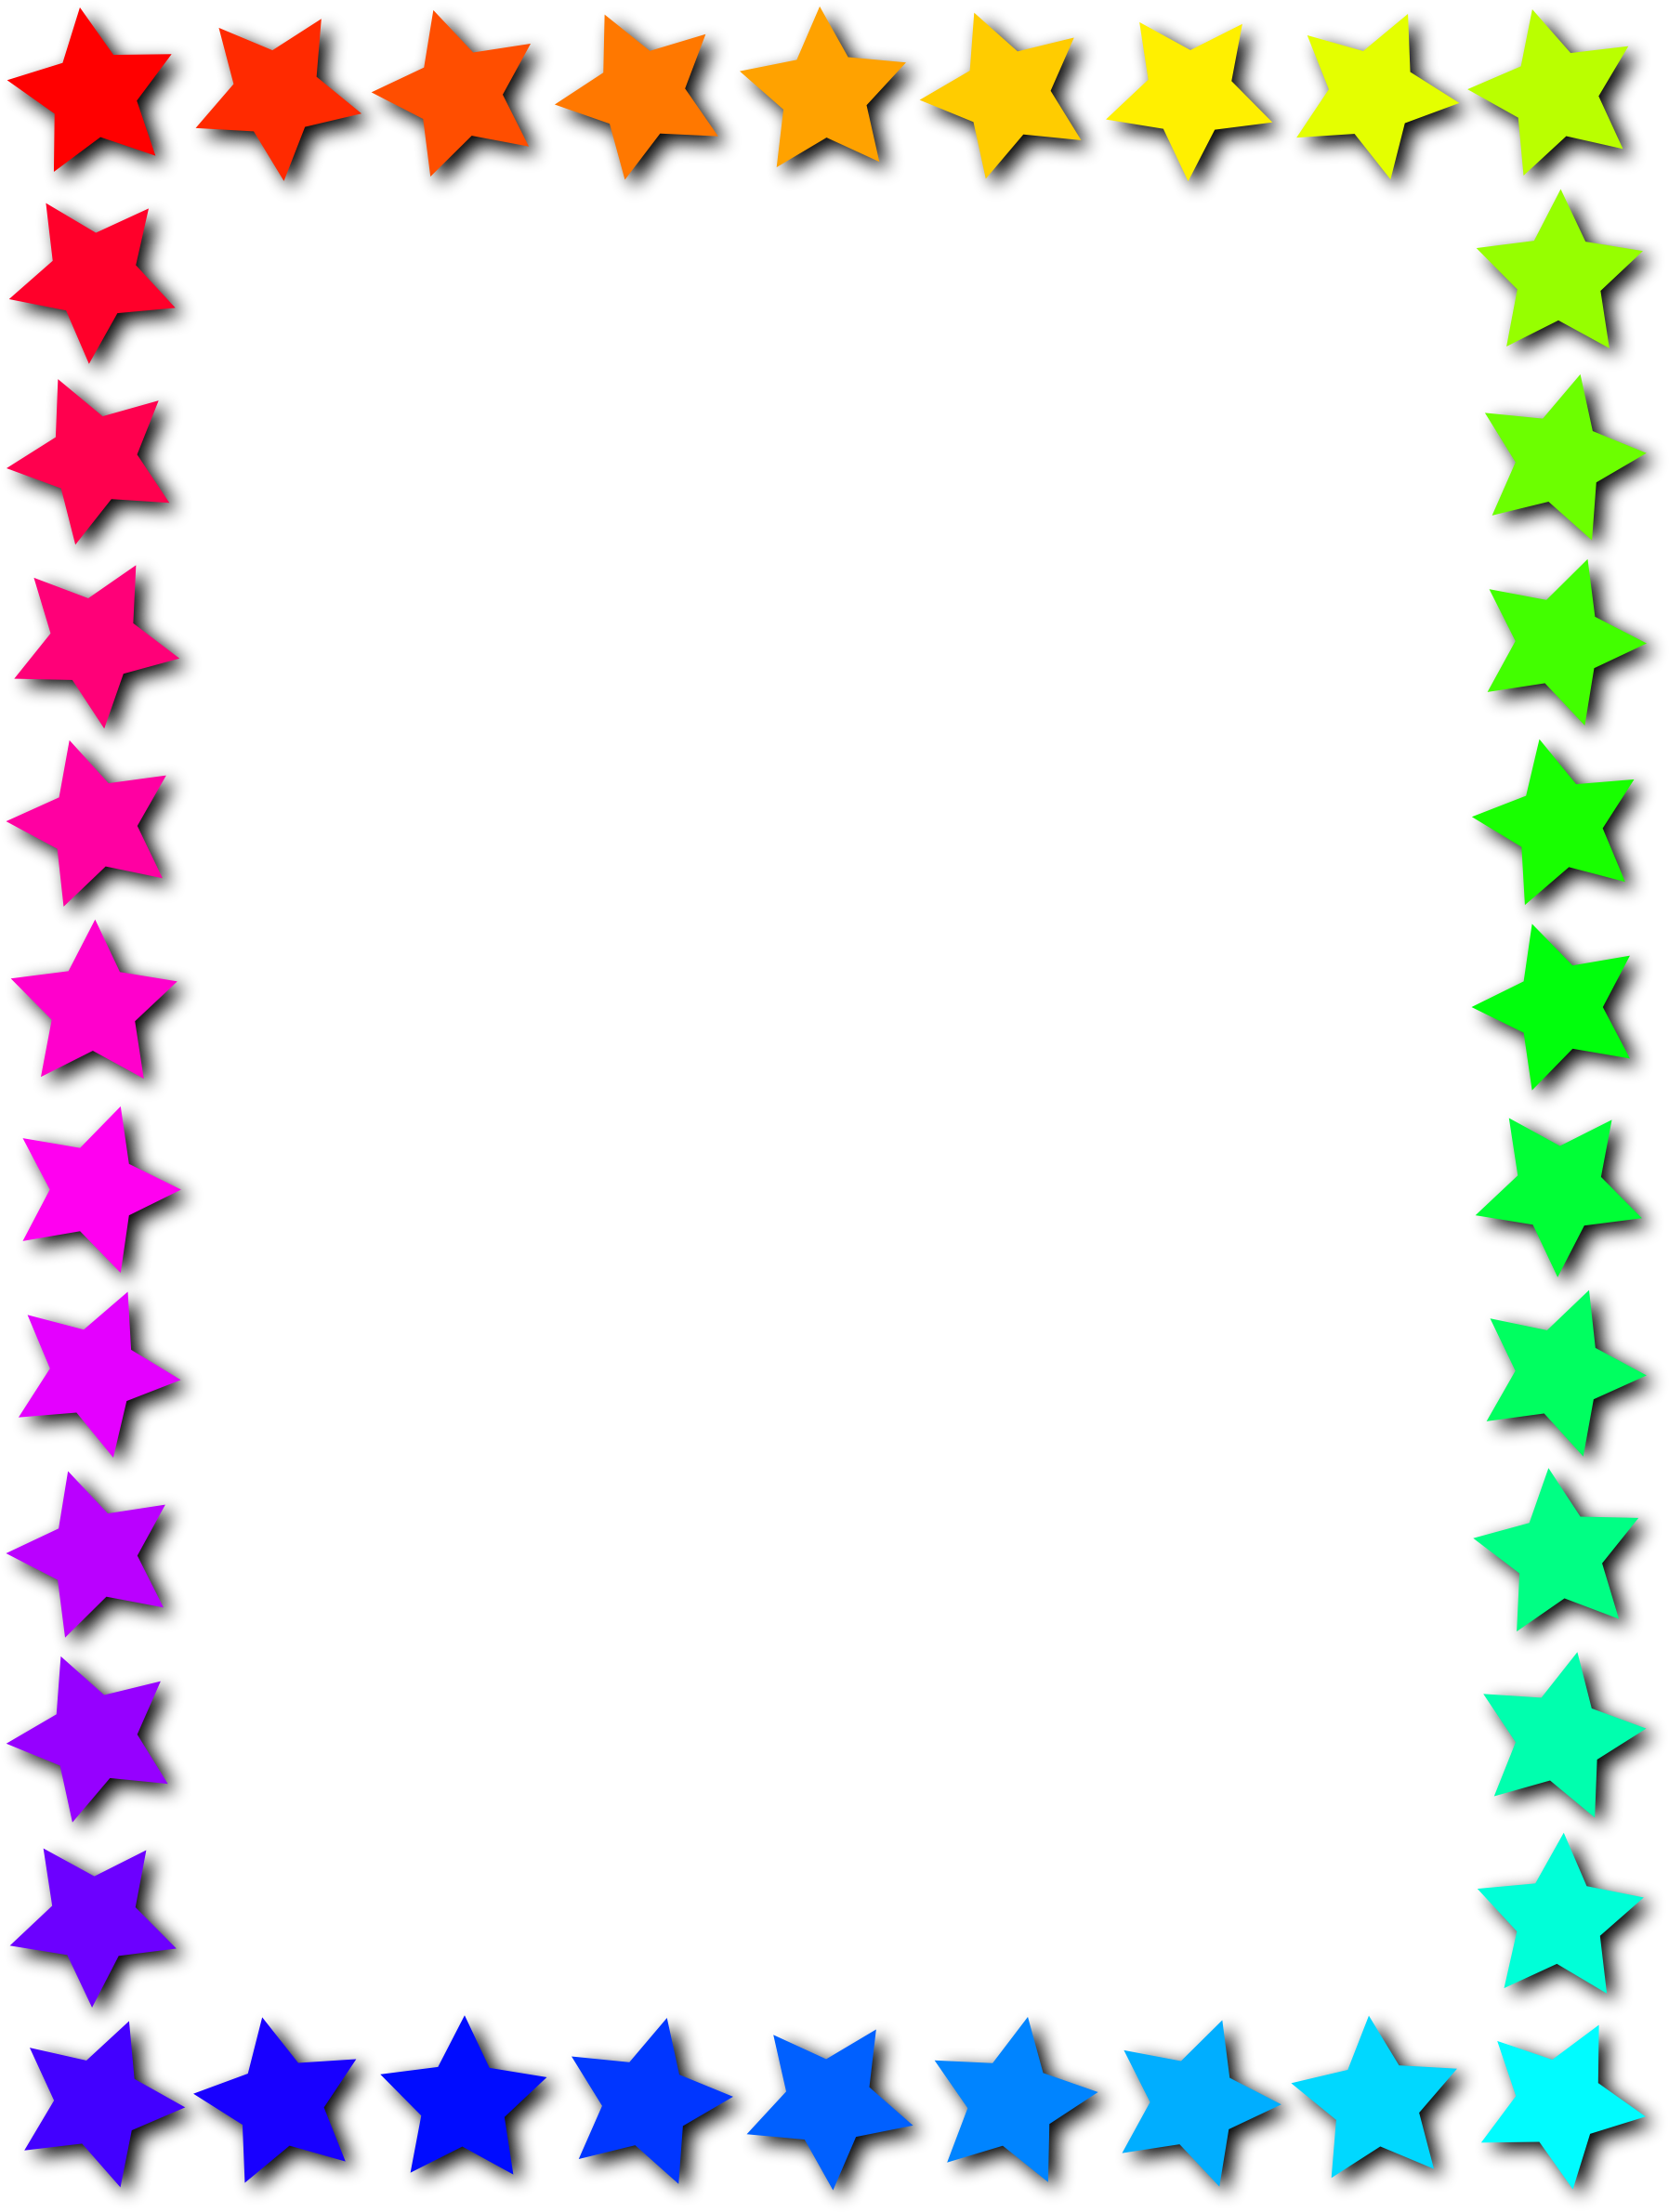 Frame clipart star 3 Star frame frame Clipart